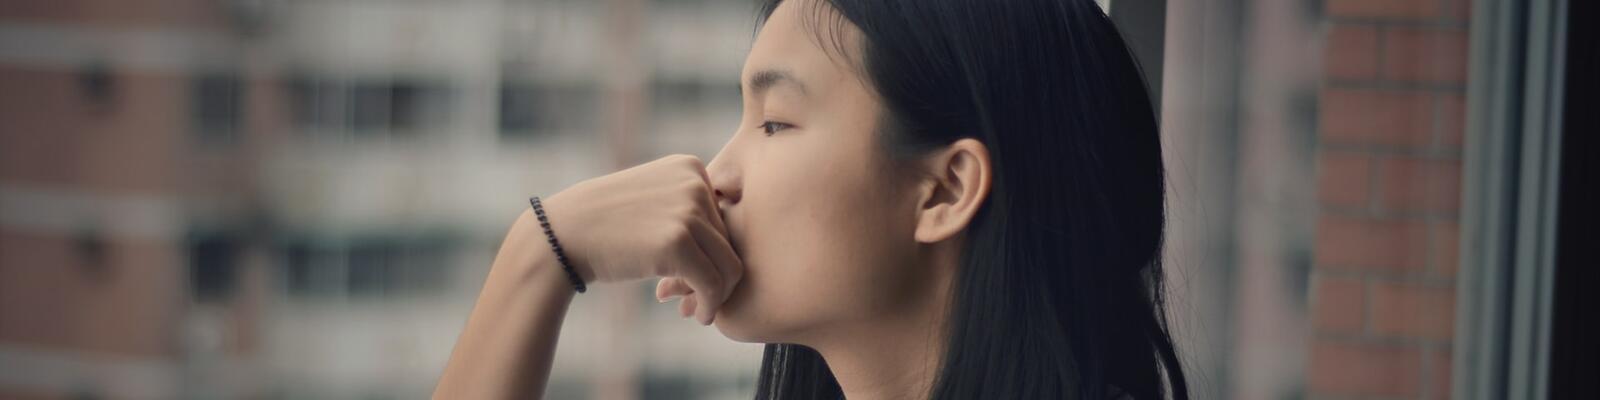 vrouw kijkt uit peinzend uit het raam